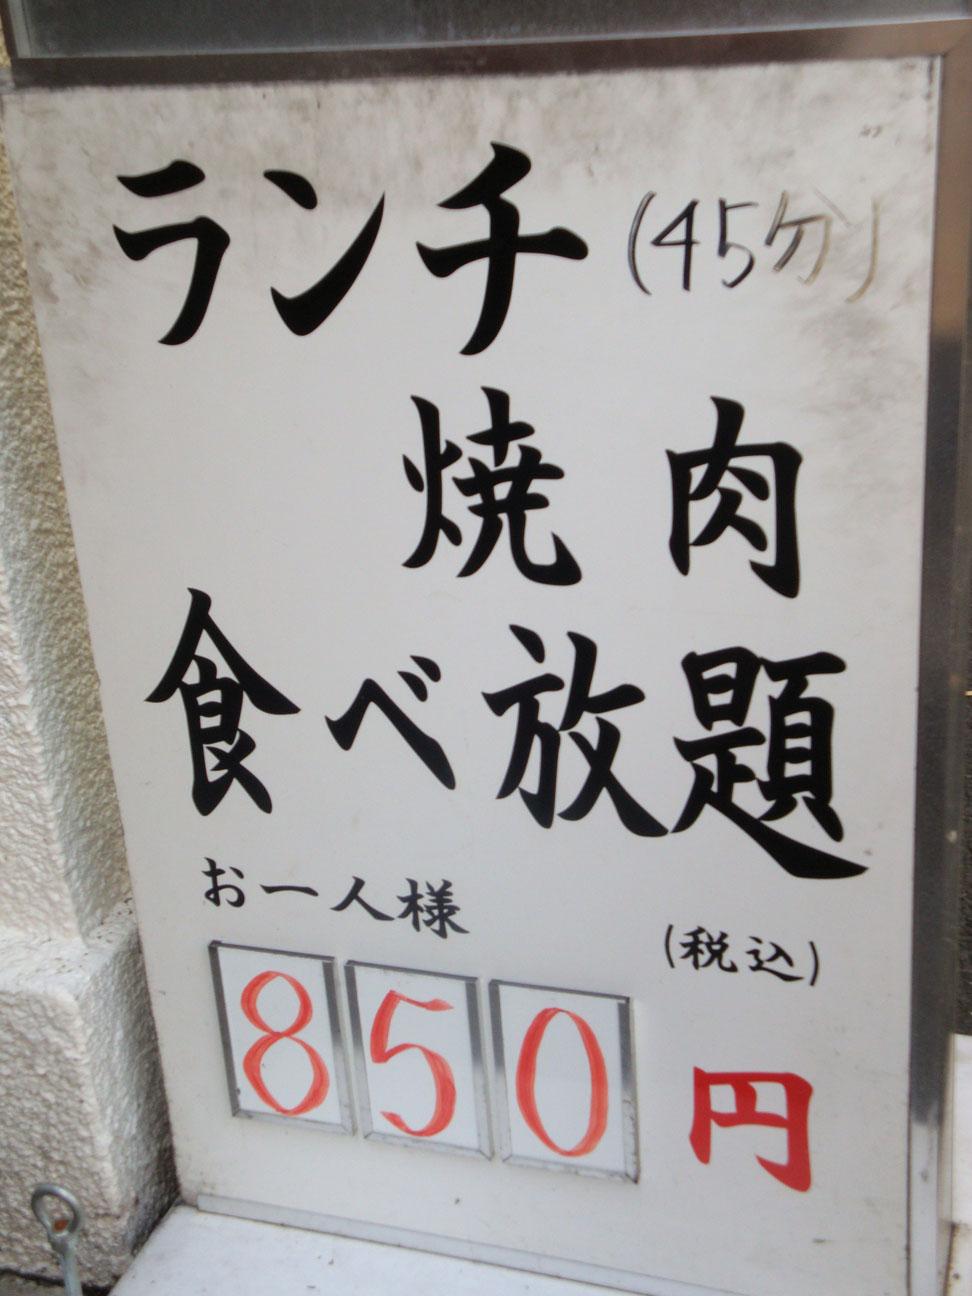 Dsc05816